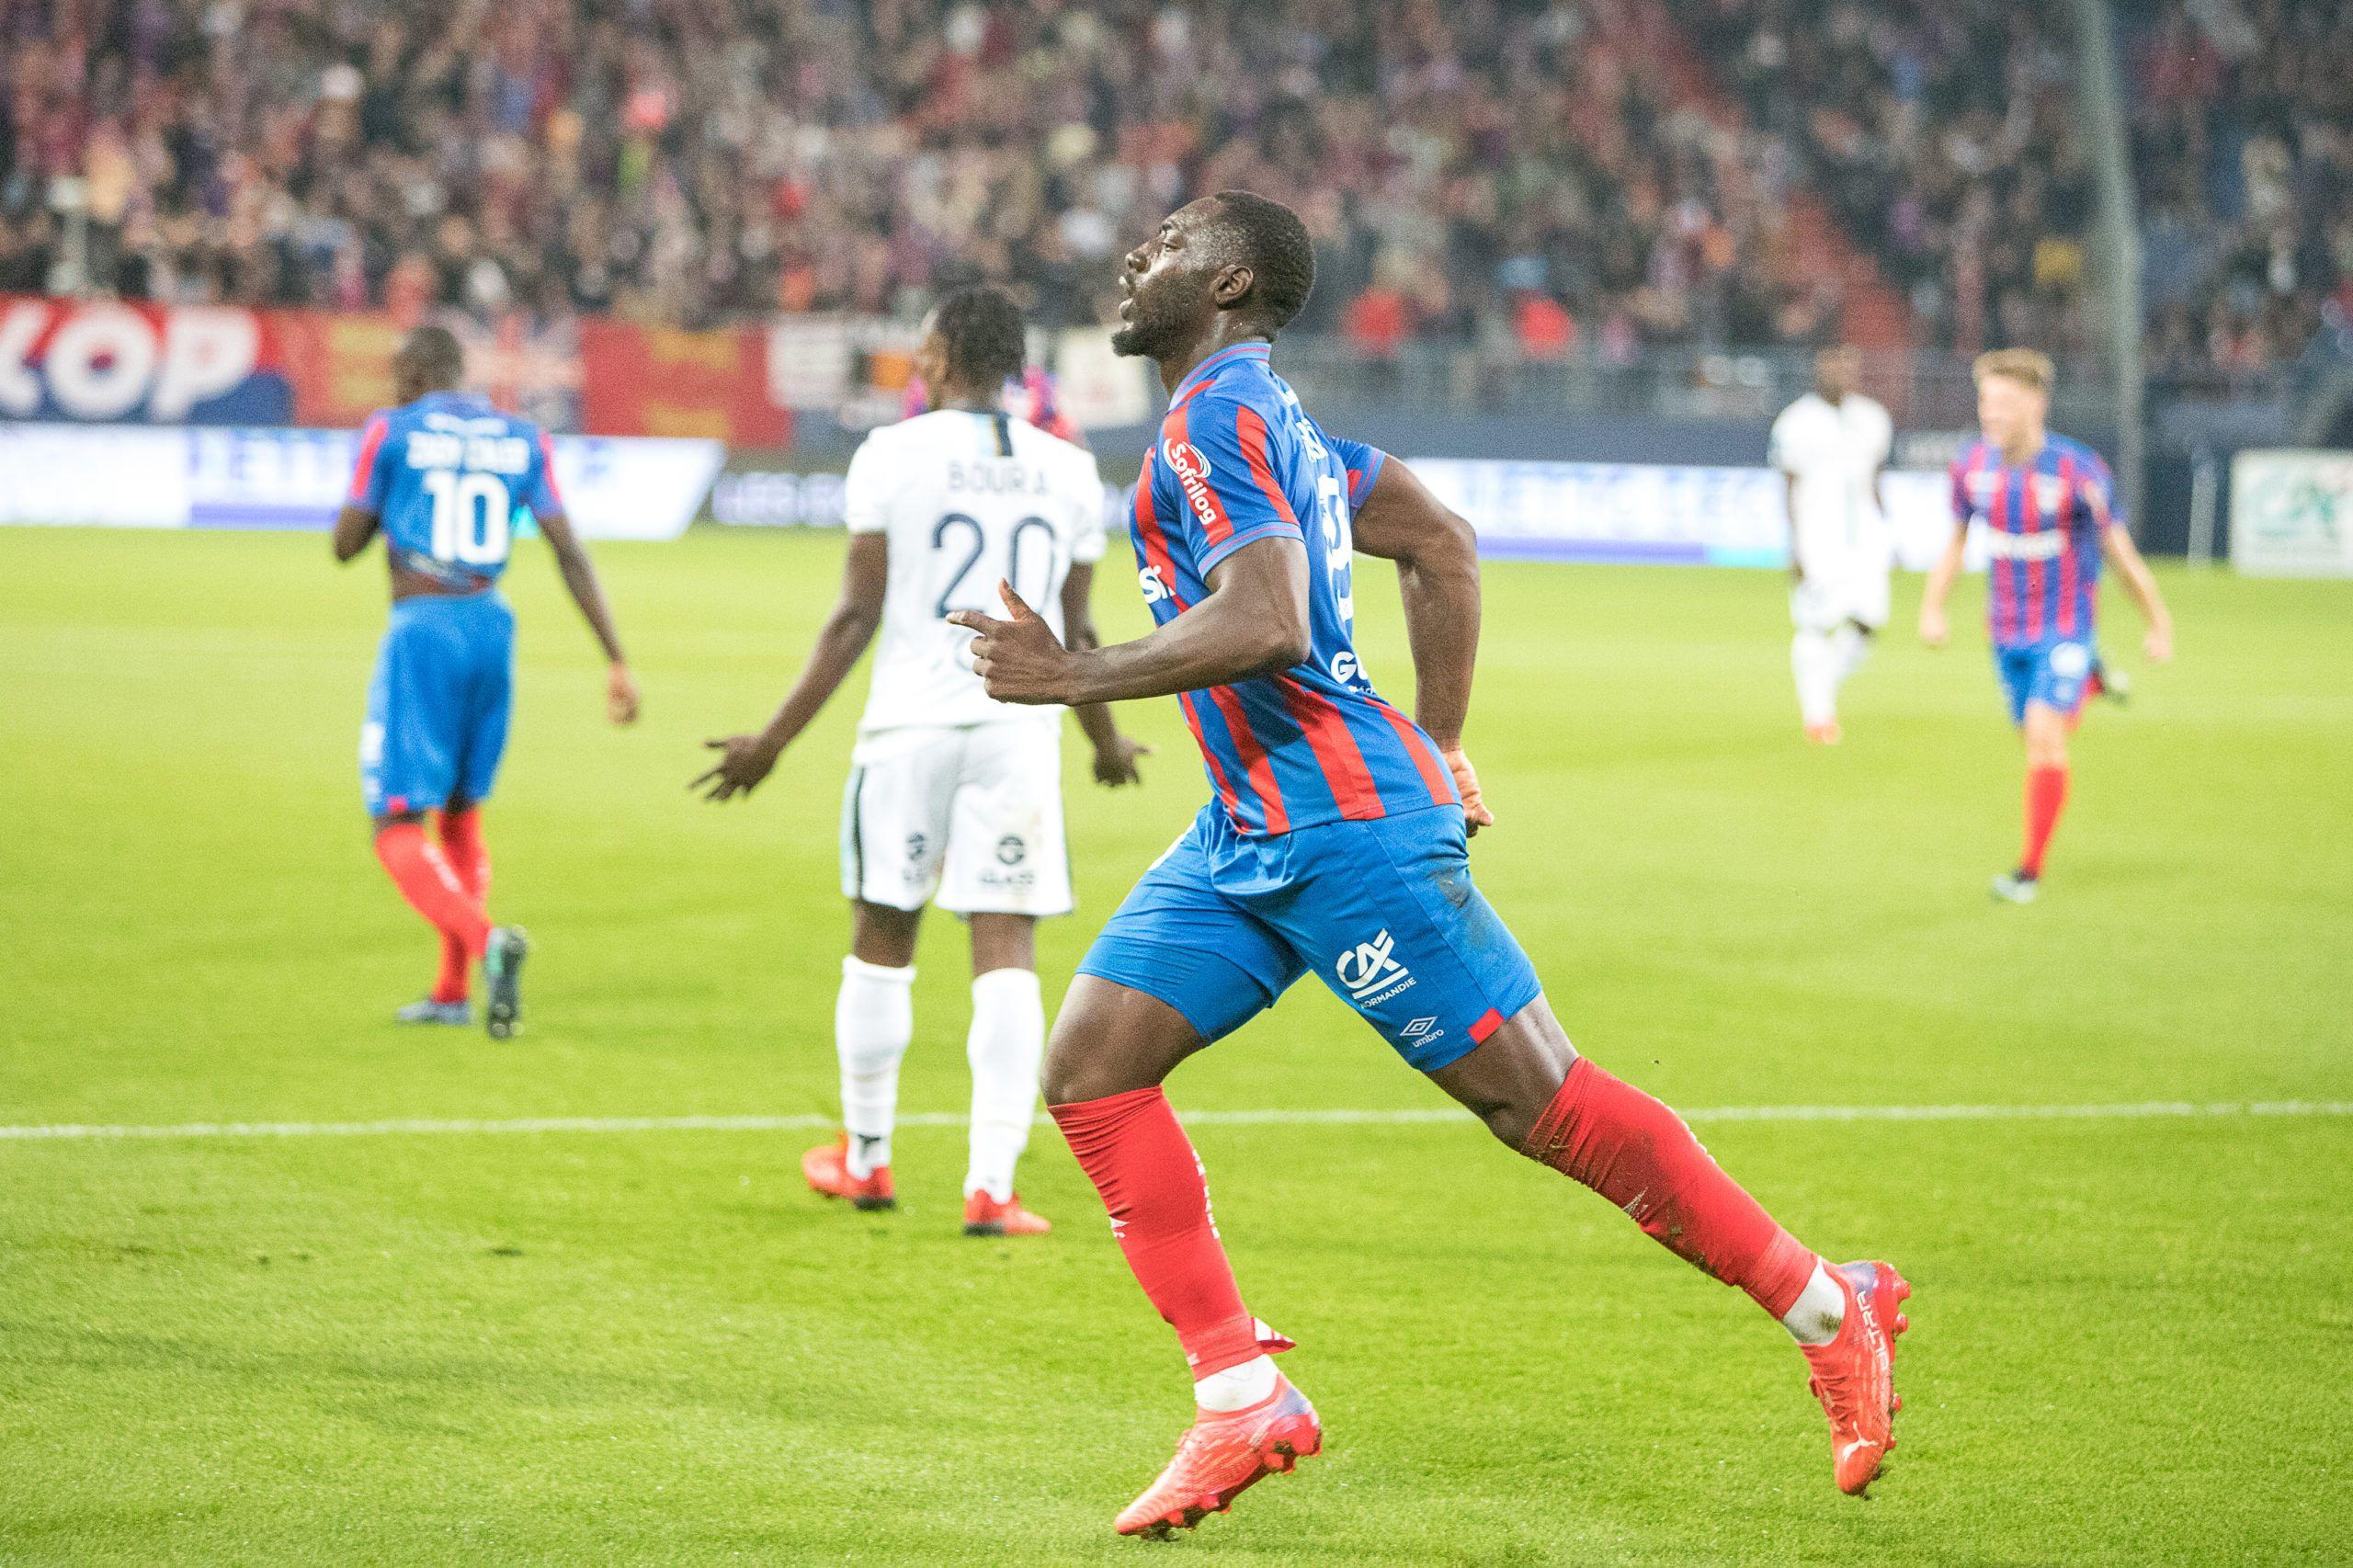 Les notes des joueurs caennais après le match nul face au Havre (2-2)